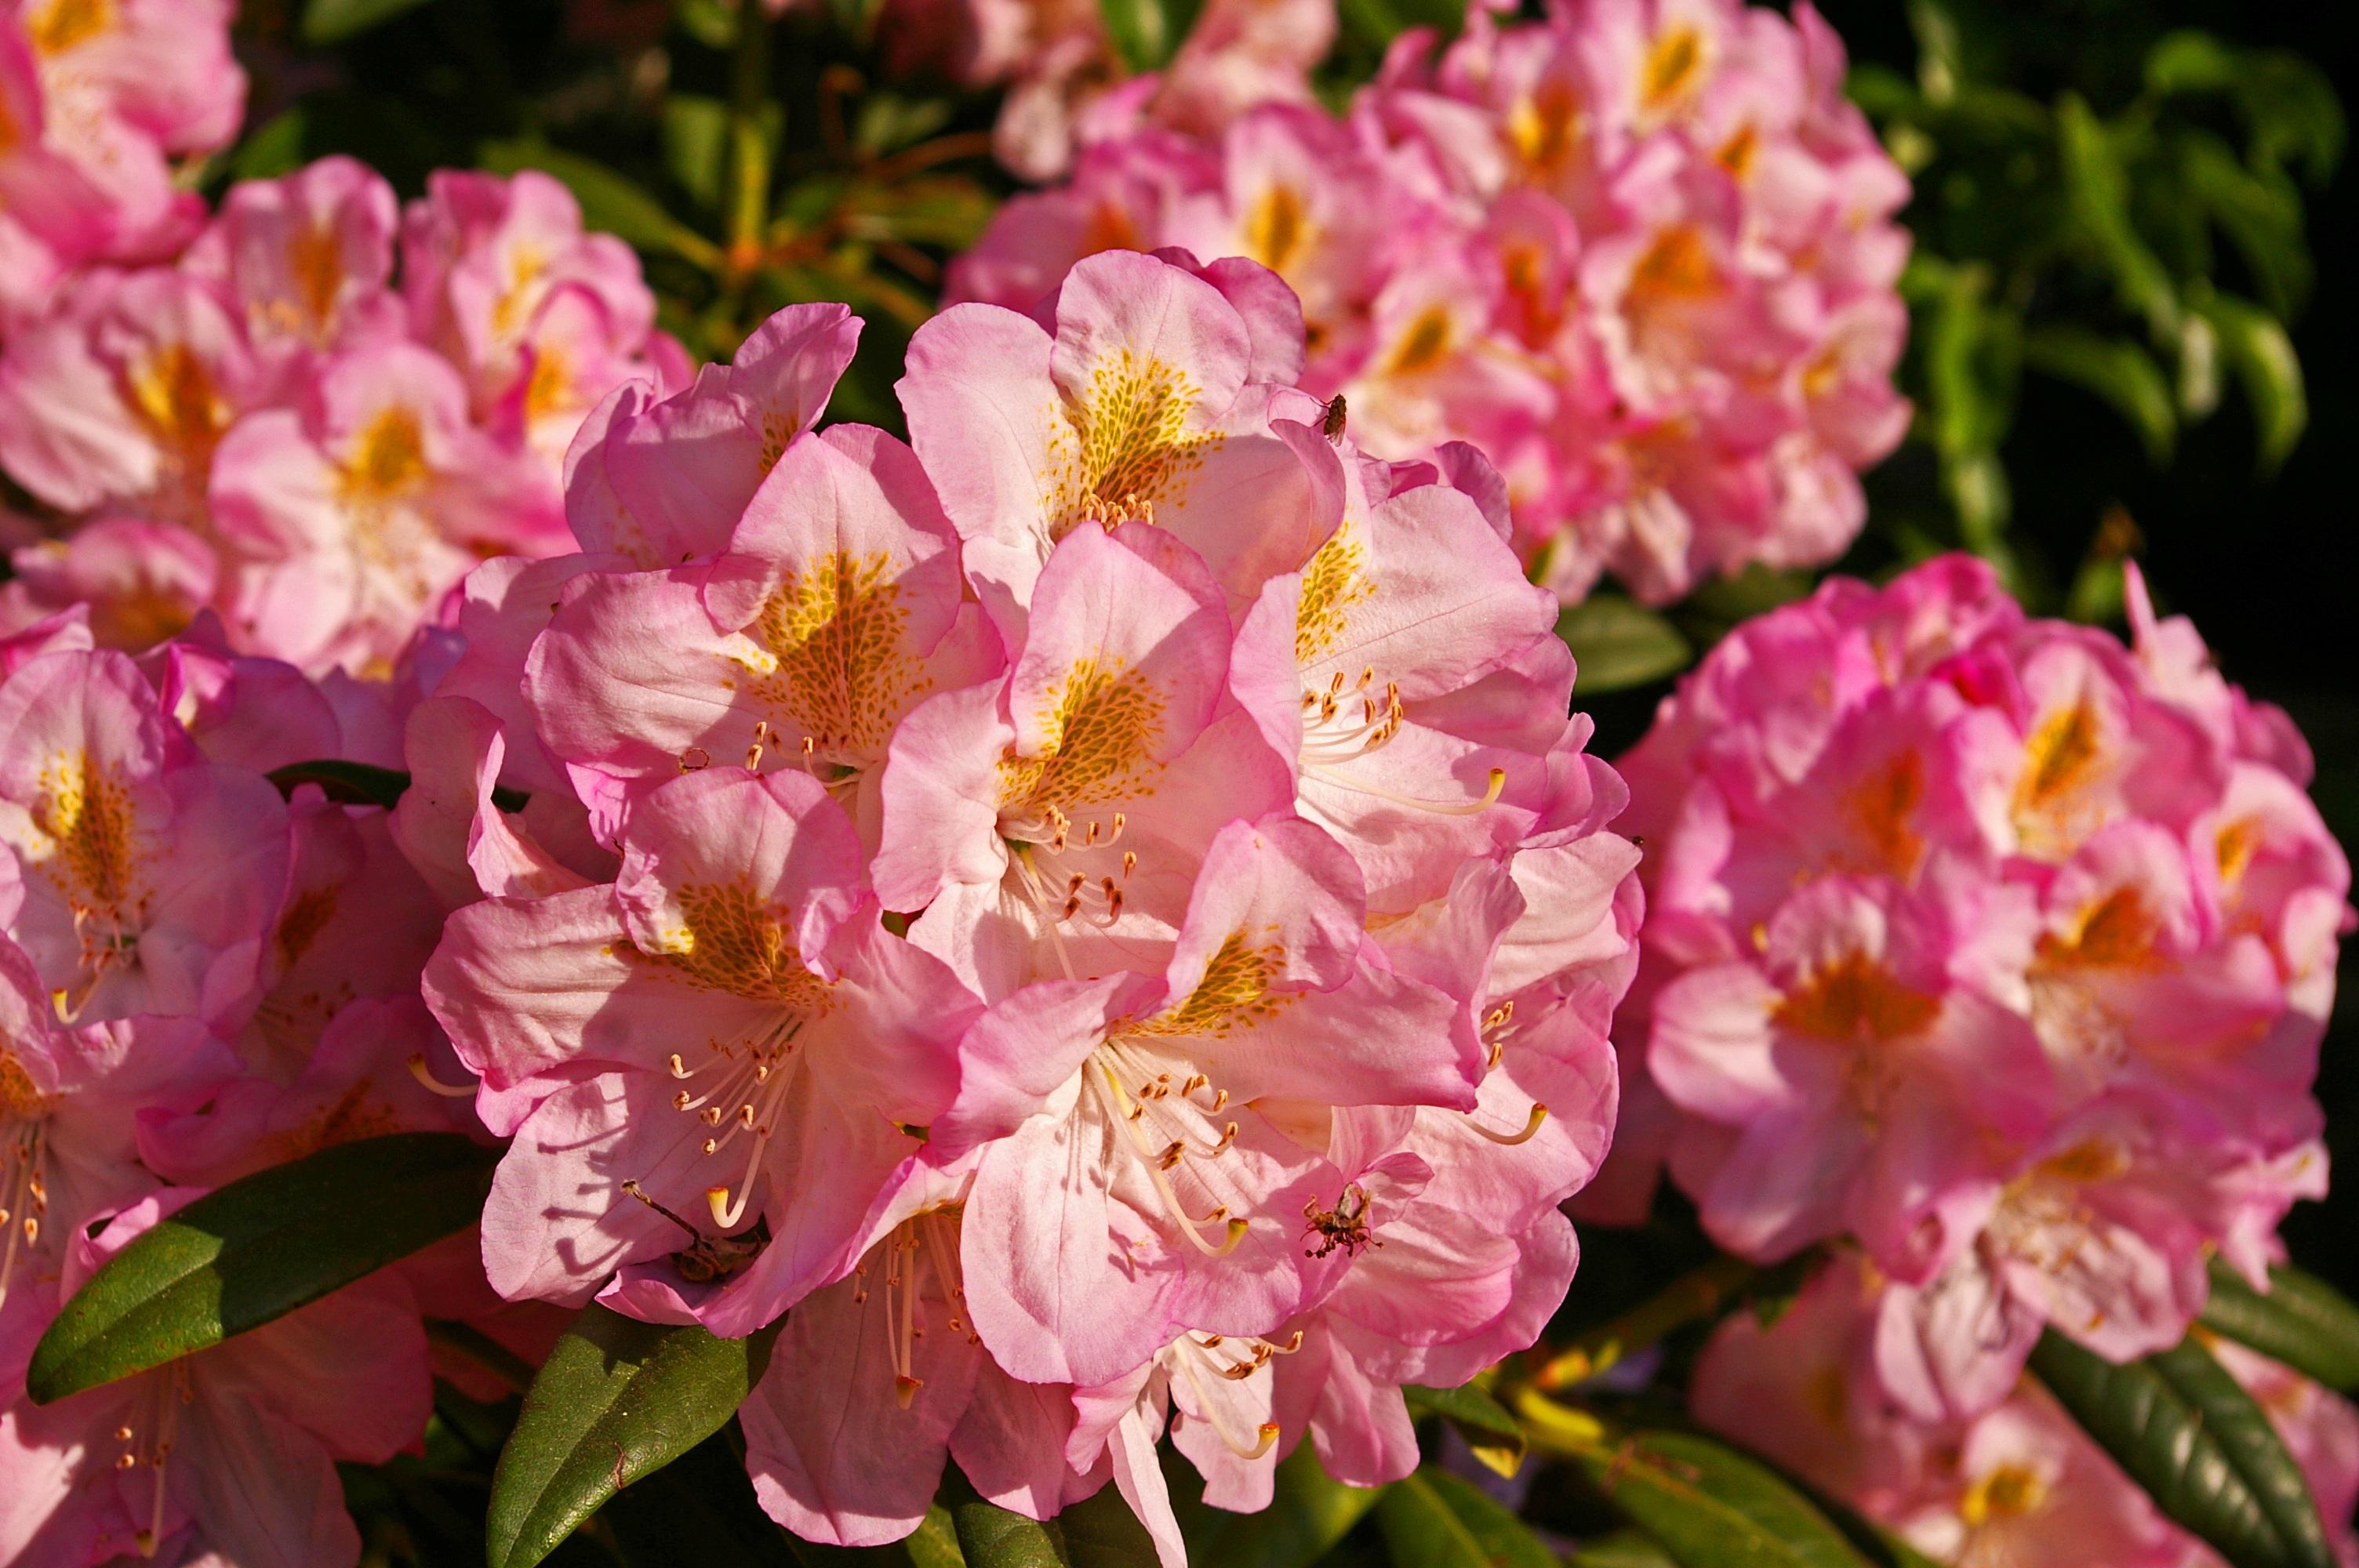 Images Gratuites Paysage La Nature Fleur Petale Floraison